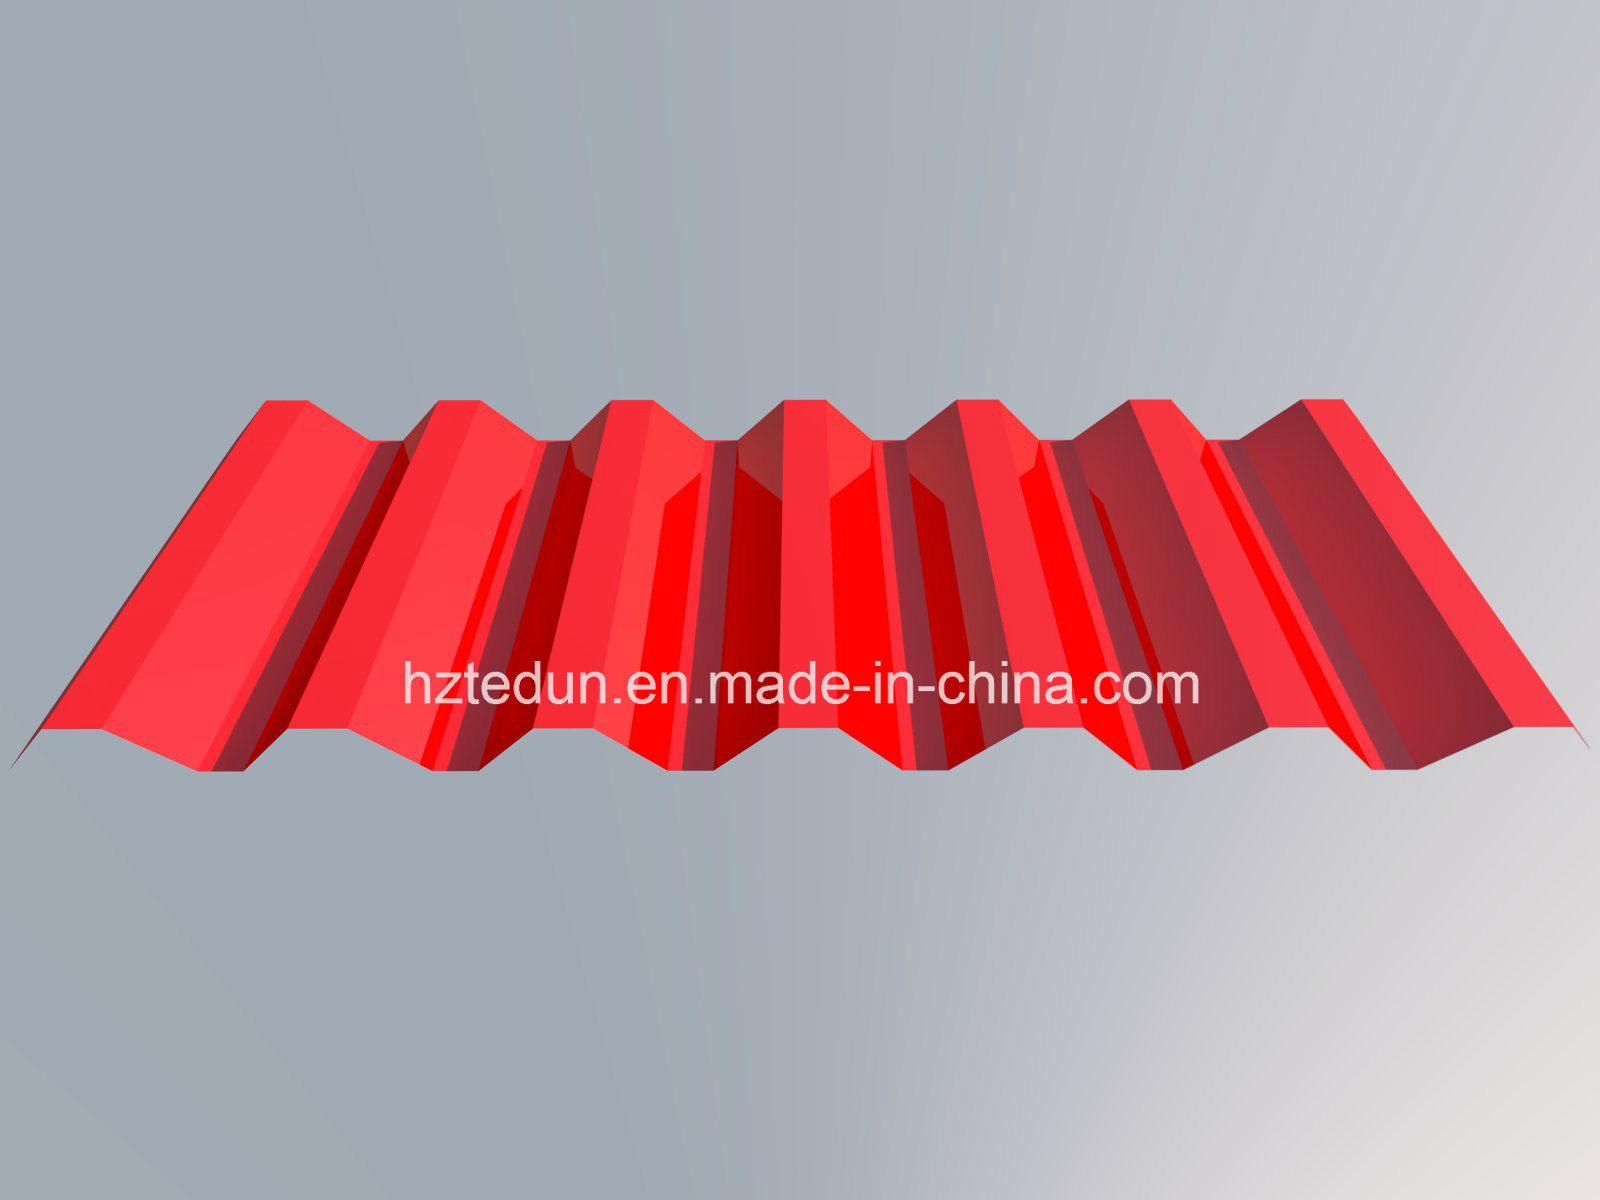 t le d 39 acier enduite d 39 une premi re couche de peinture pour la toiture fer grey7011 photo sur. Black Bedroom Furniture Sets. Home Design Ideas